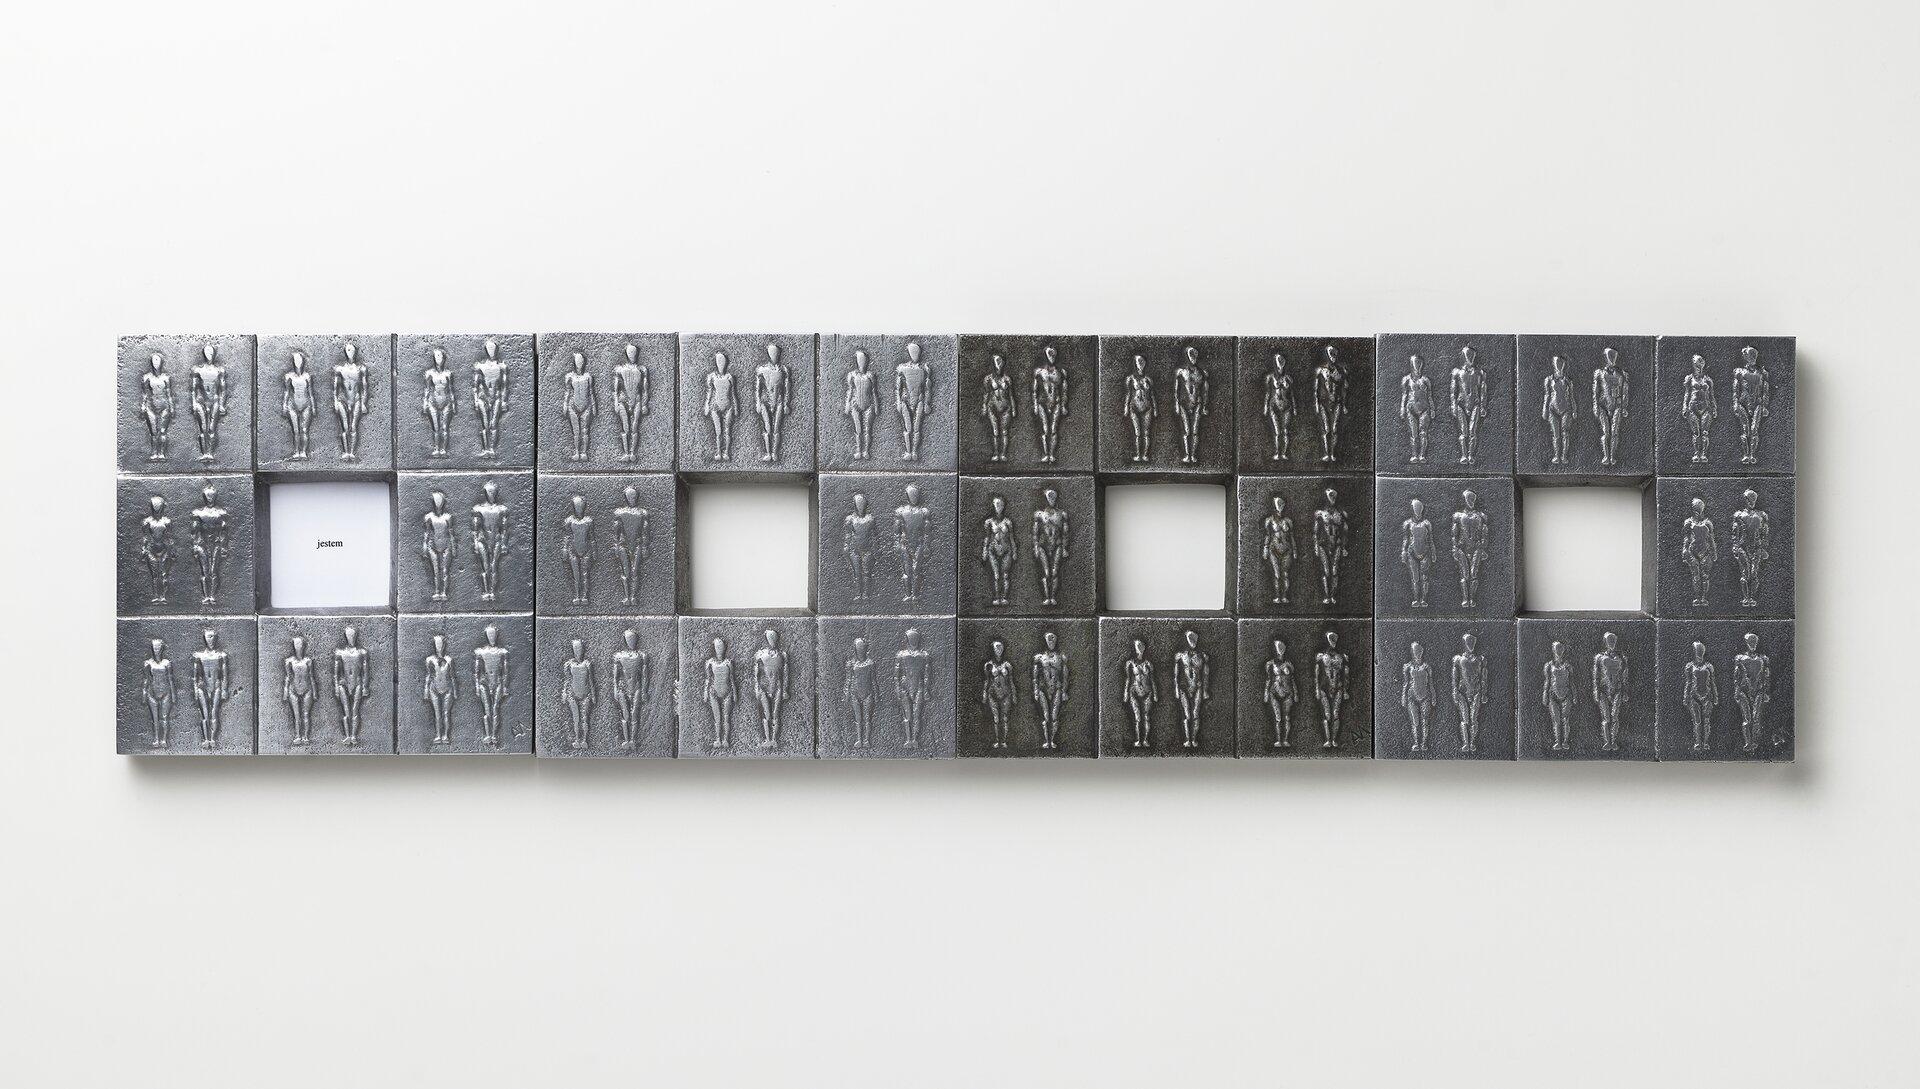 """Ilustracja przedstawia pracę Alicji Majewskiej """"Tożsamość"""". Jest to relief, składający się z32 metalowych płytek zwizerunkami tych samych, powtarzających się postaci. Praca podzielona jest na cztery kwadraty zczworokątnym otworem wśrodku. Wszystkie są zespolone wpoziomie."""